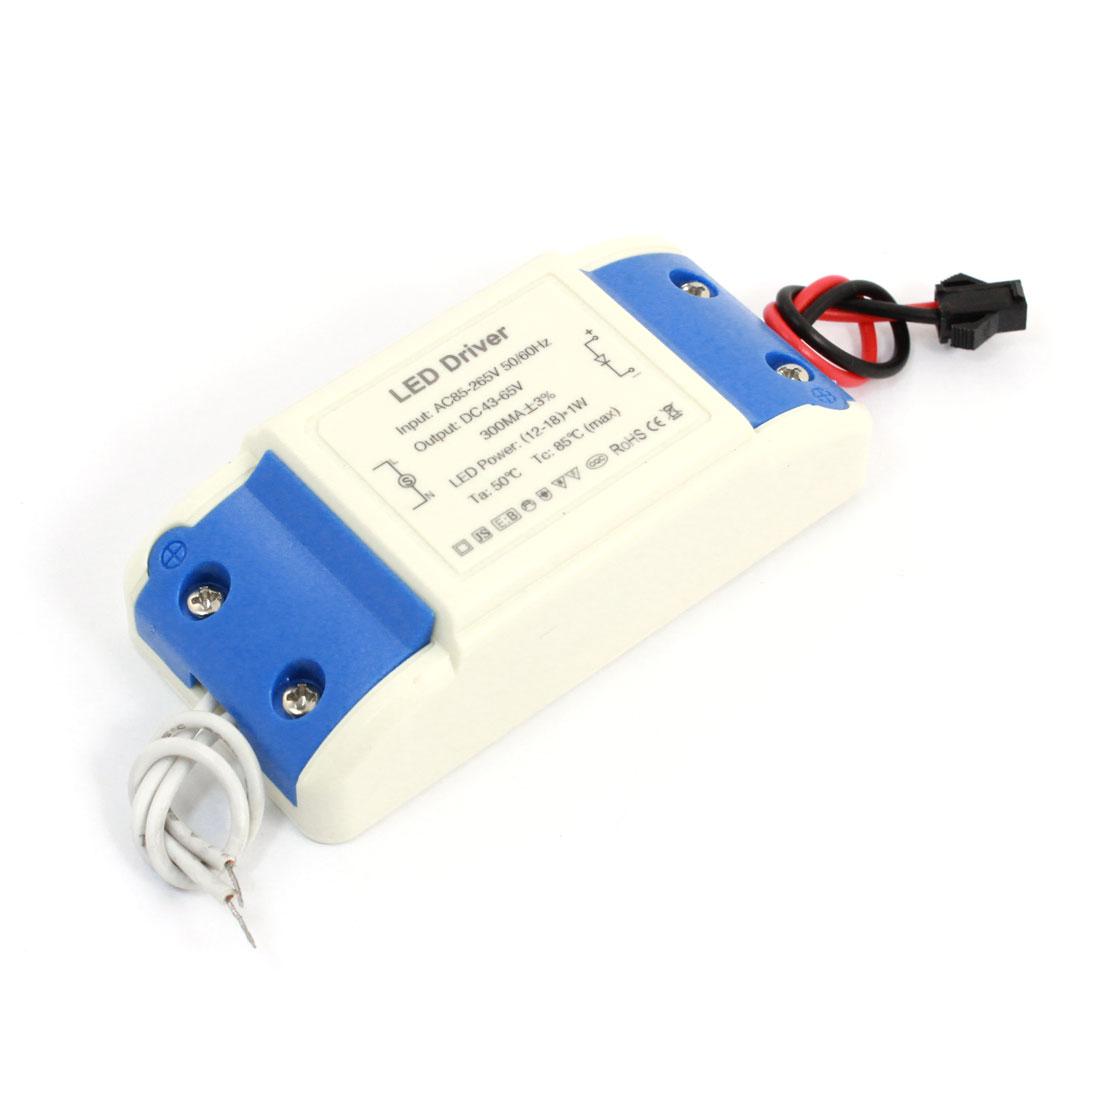 AC 85-265V 300mA Plastic Housing (12-18) x 1W Power Supply LED Driver